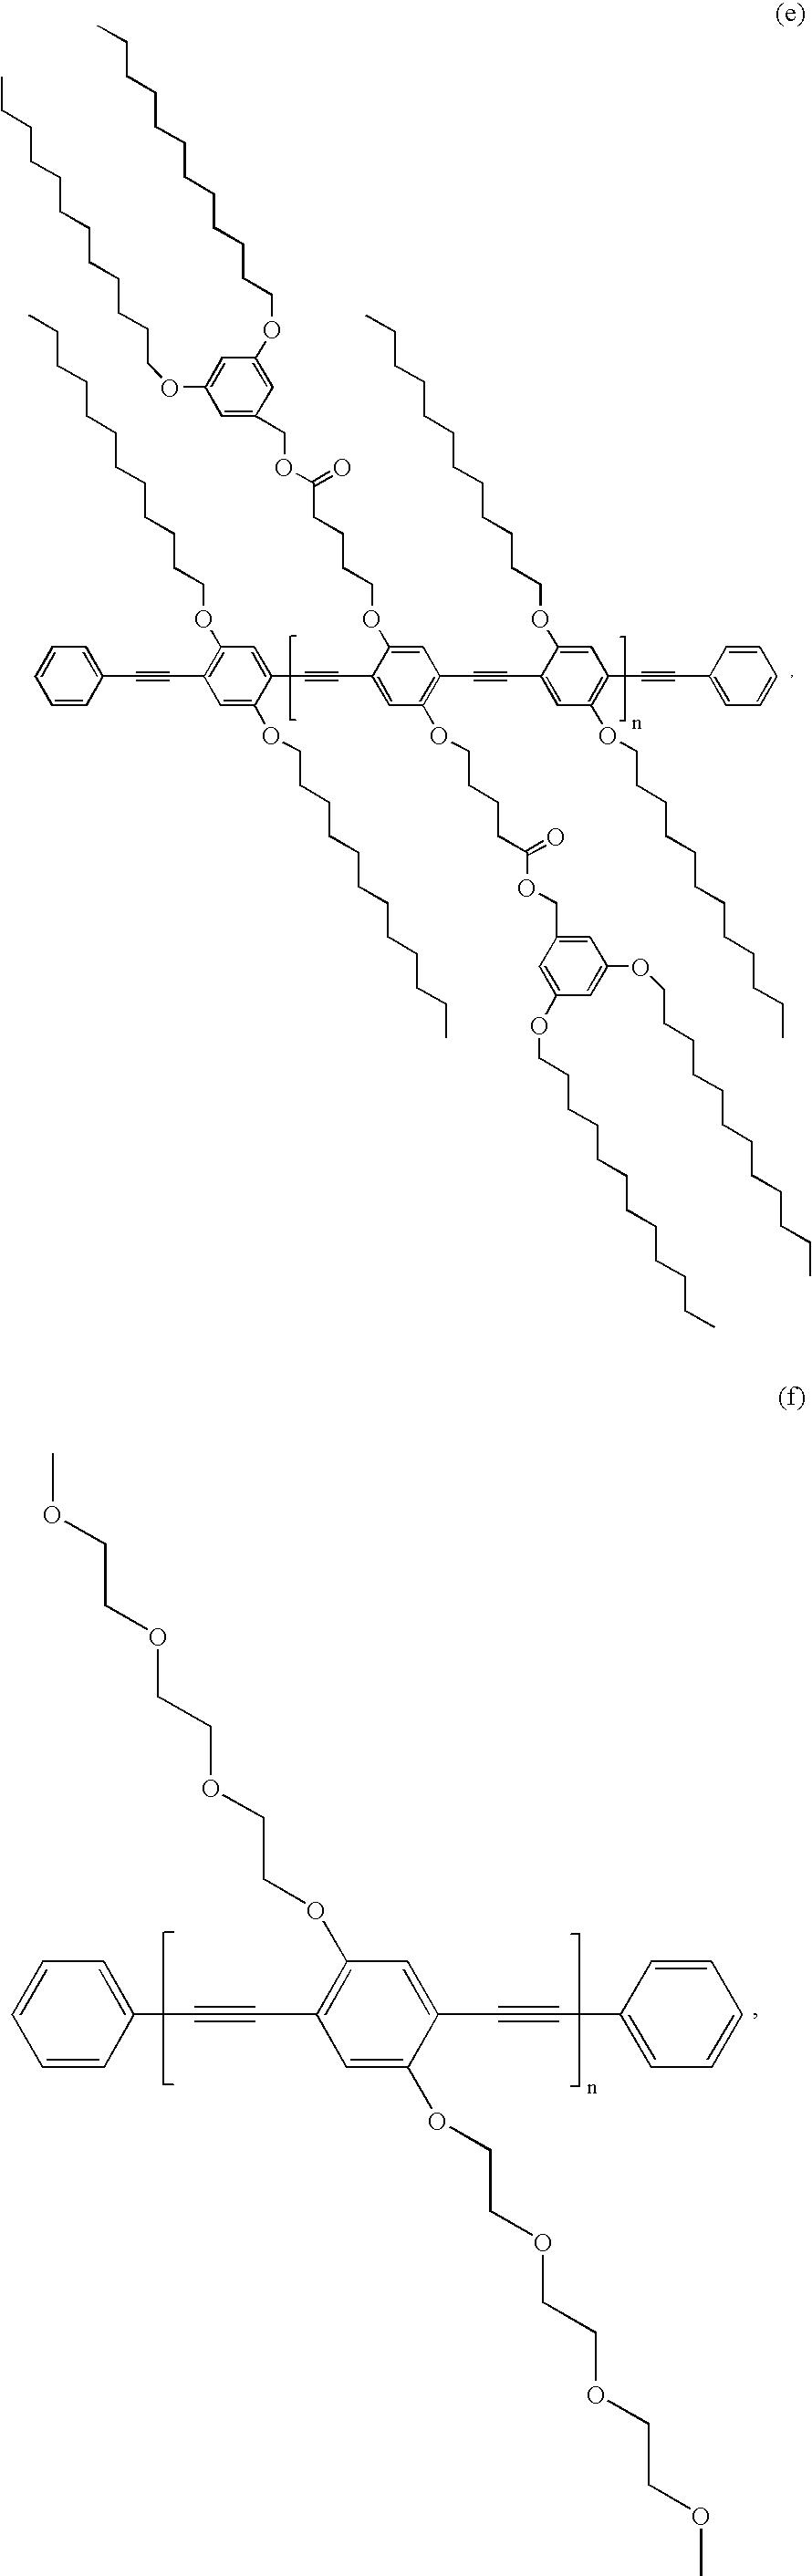 Figure US07479516-20090120-C00044